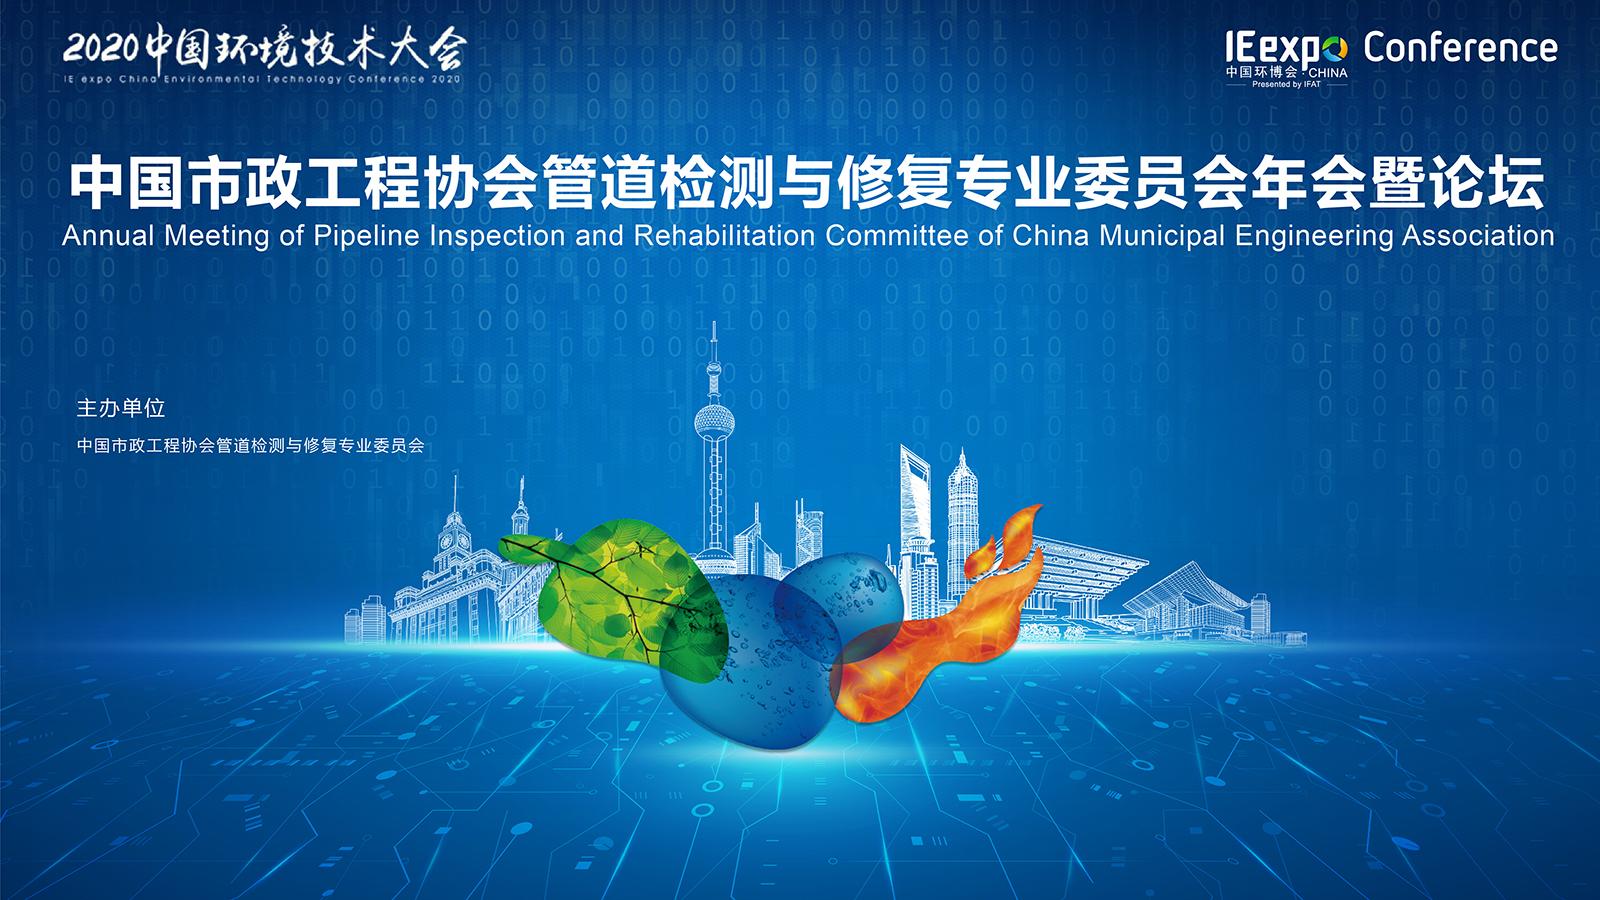 中国市政工程协会管道检测与修复专业委员会年会暨论坛